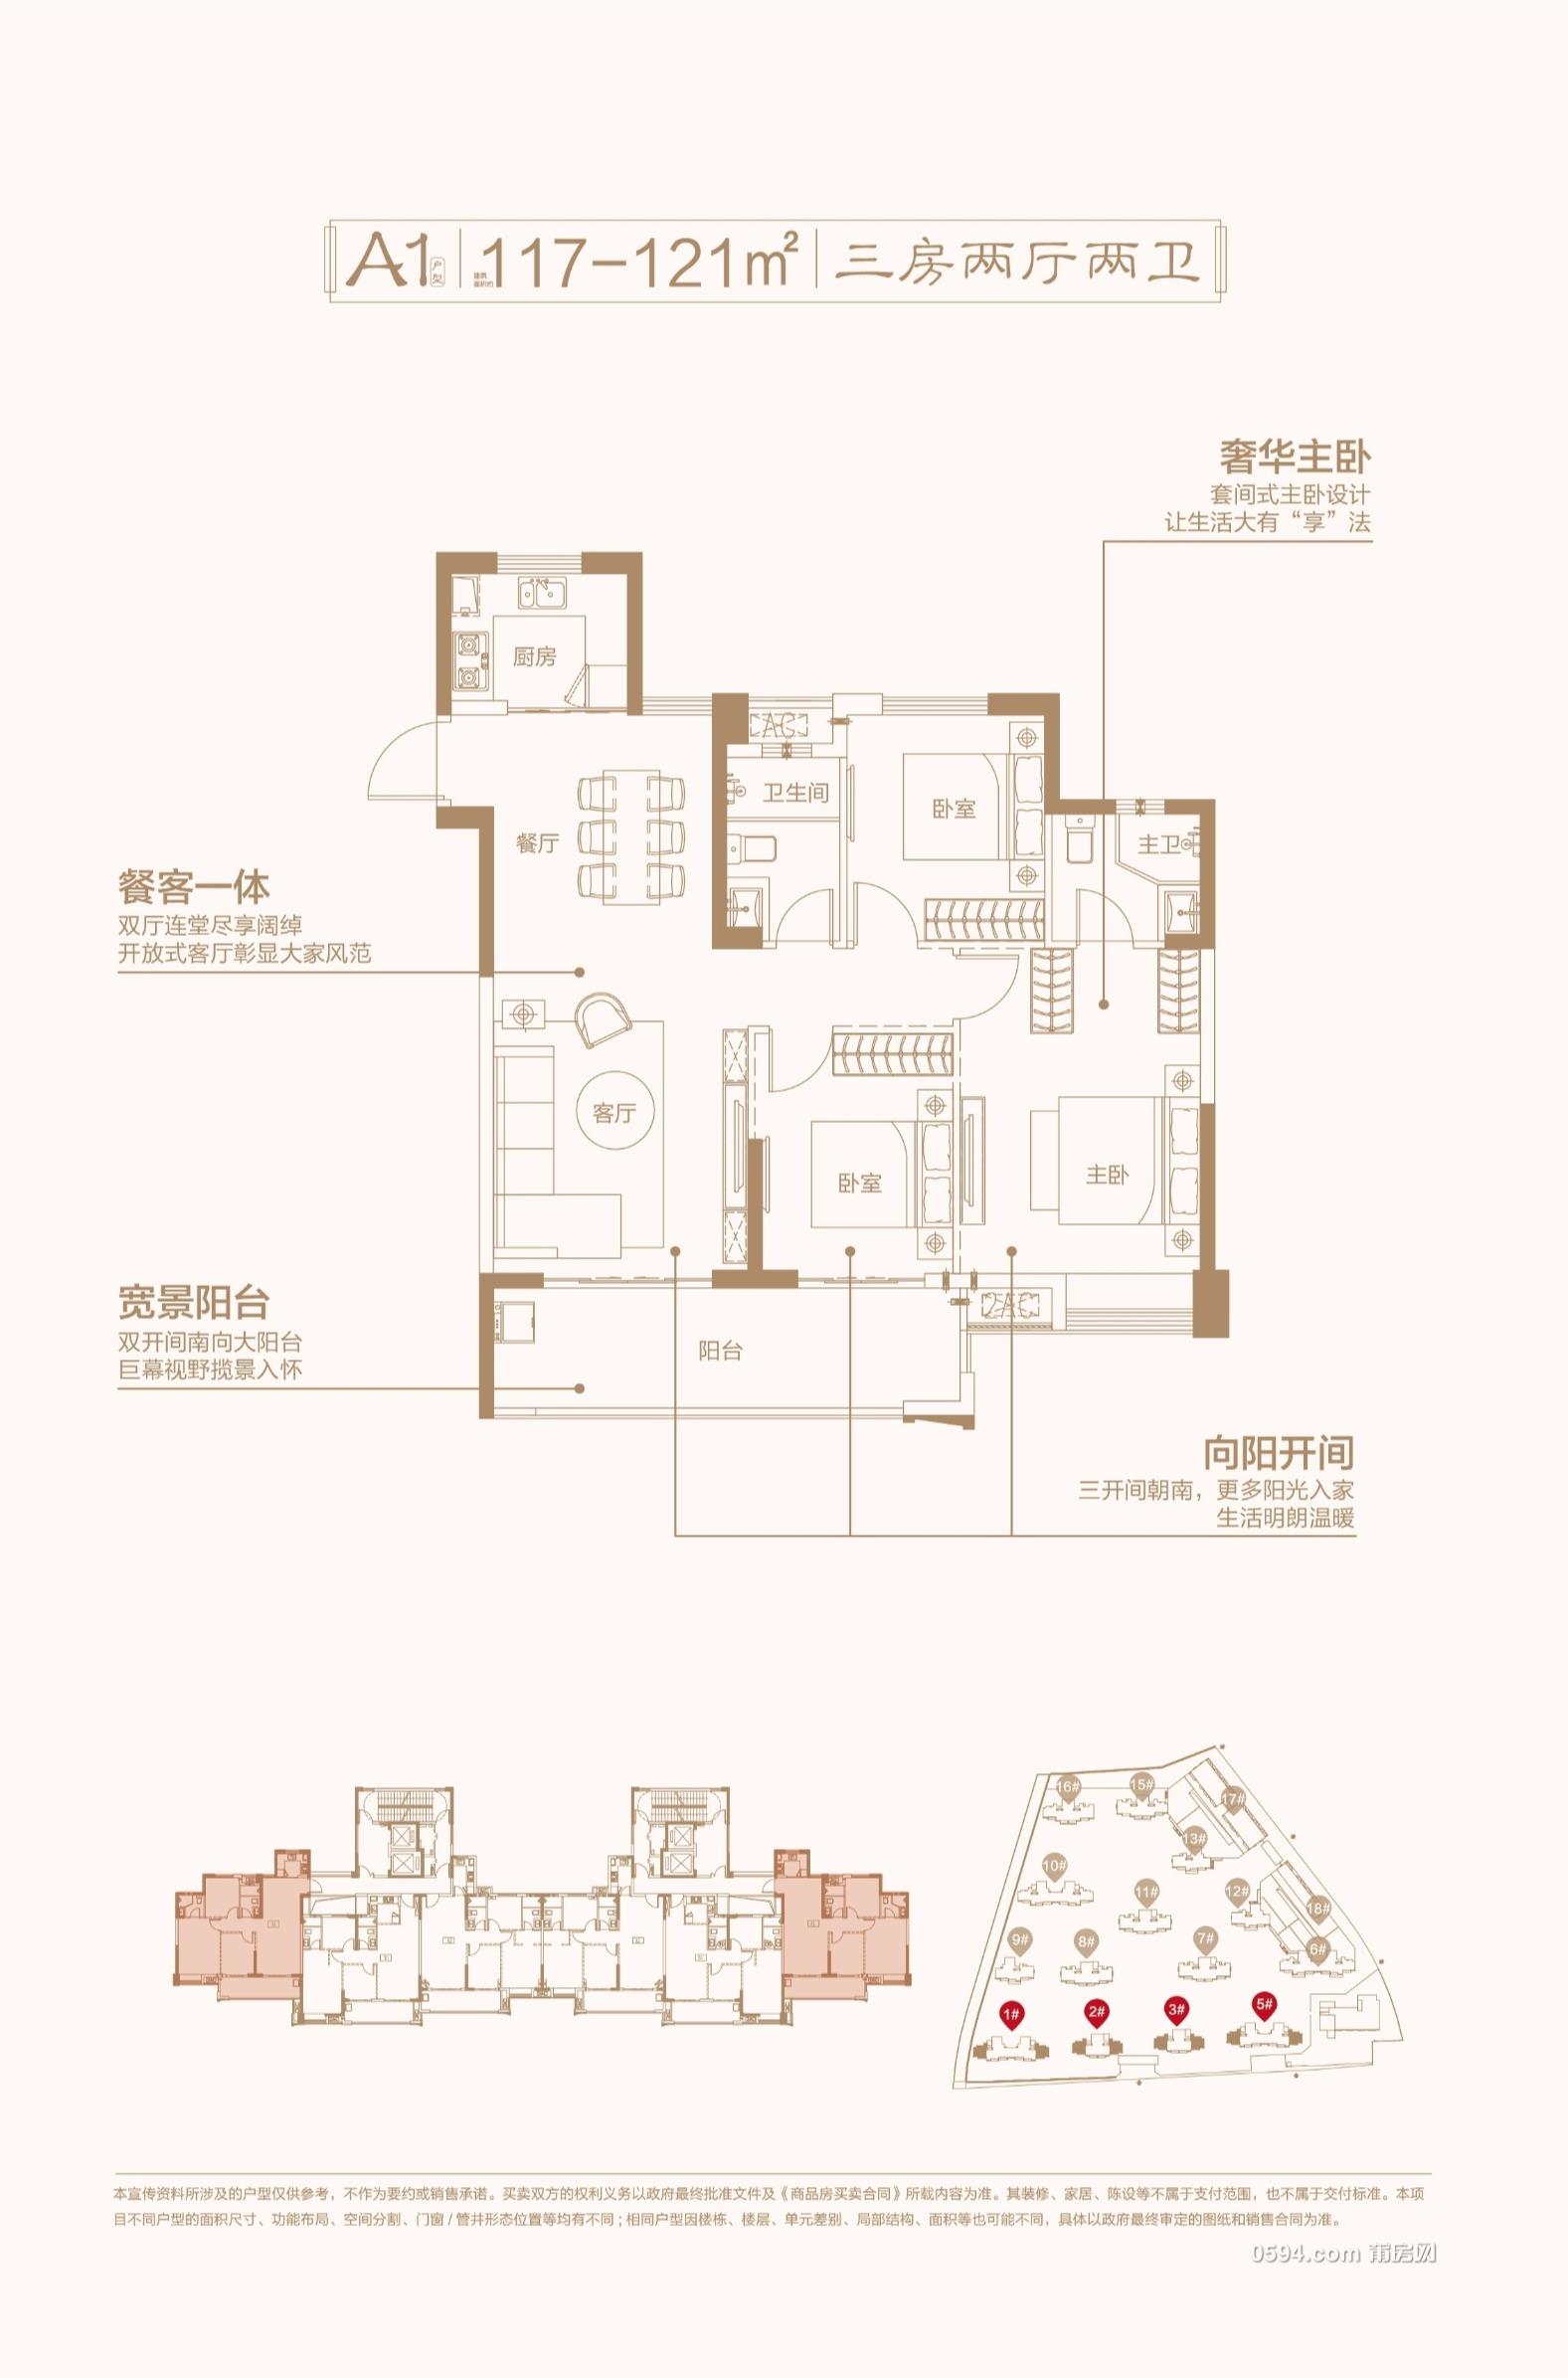 约117-121㎡3房2厅2卫